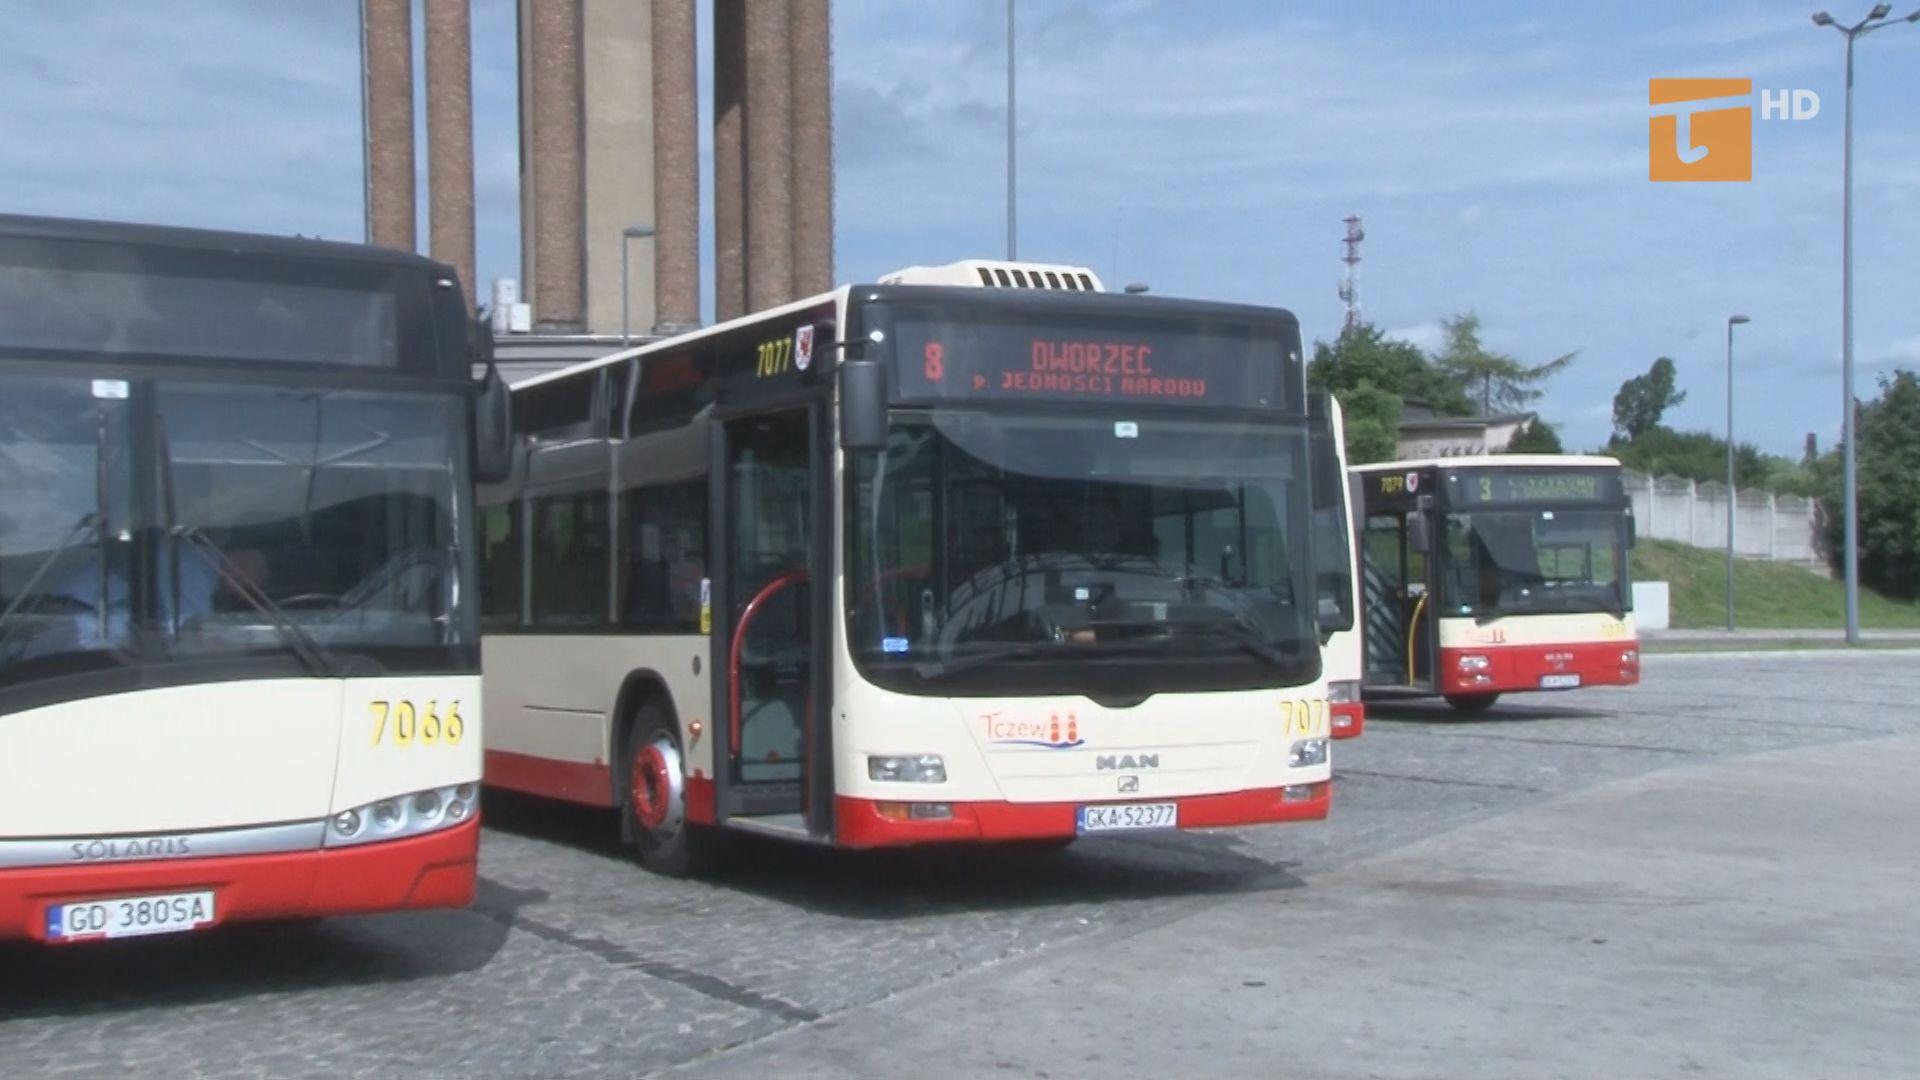 W poniedziałek pierwszego lipca na ulice Tczewa wyjechały autobusy nowego przewoźnika. Firma Gryf z Żukowa będzie świadczyła usługi komunikacyjne przez najbliższe półtora roku. Jednocześnie pasażerowie pożegnali spółkę Meteor, której autobusy jeździły po Tczewie od stycznia 2012 roku.